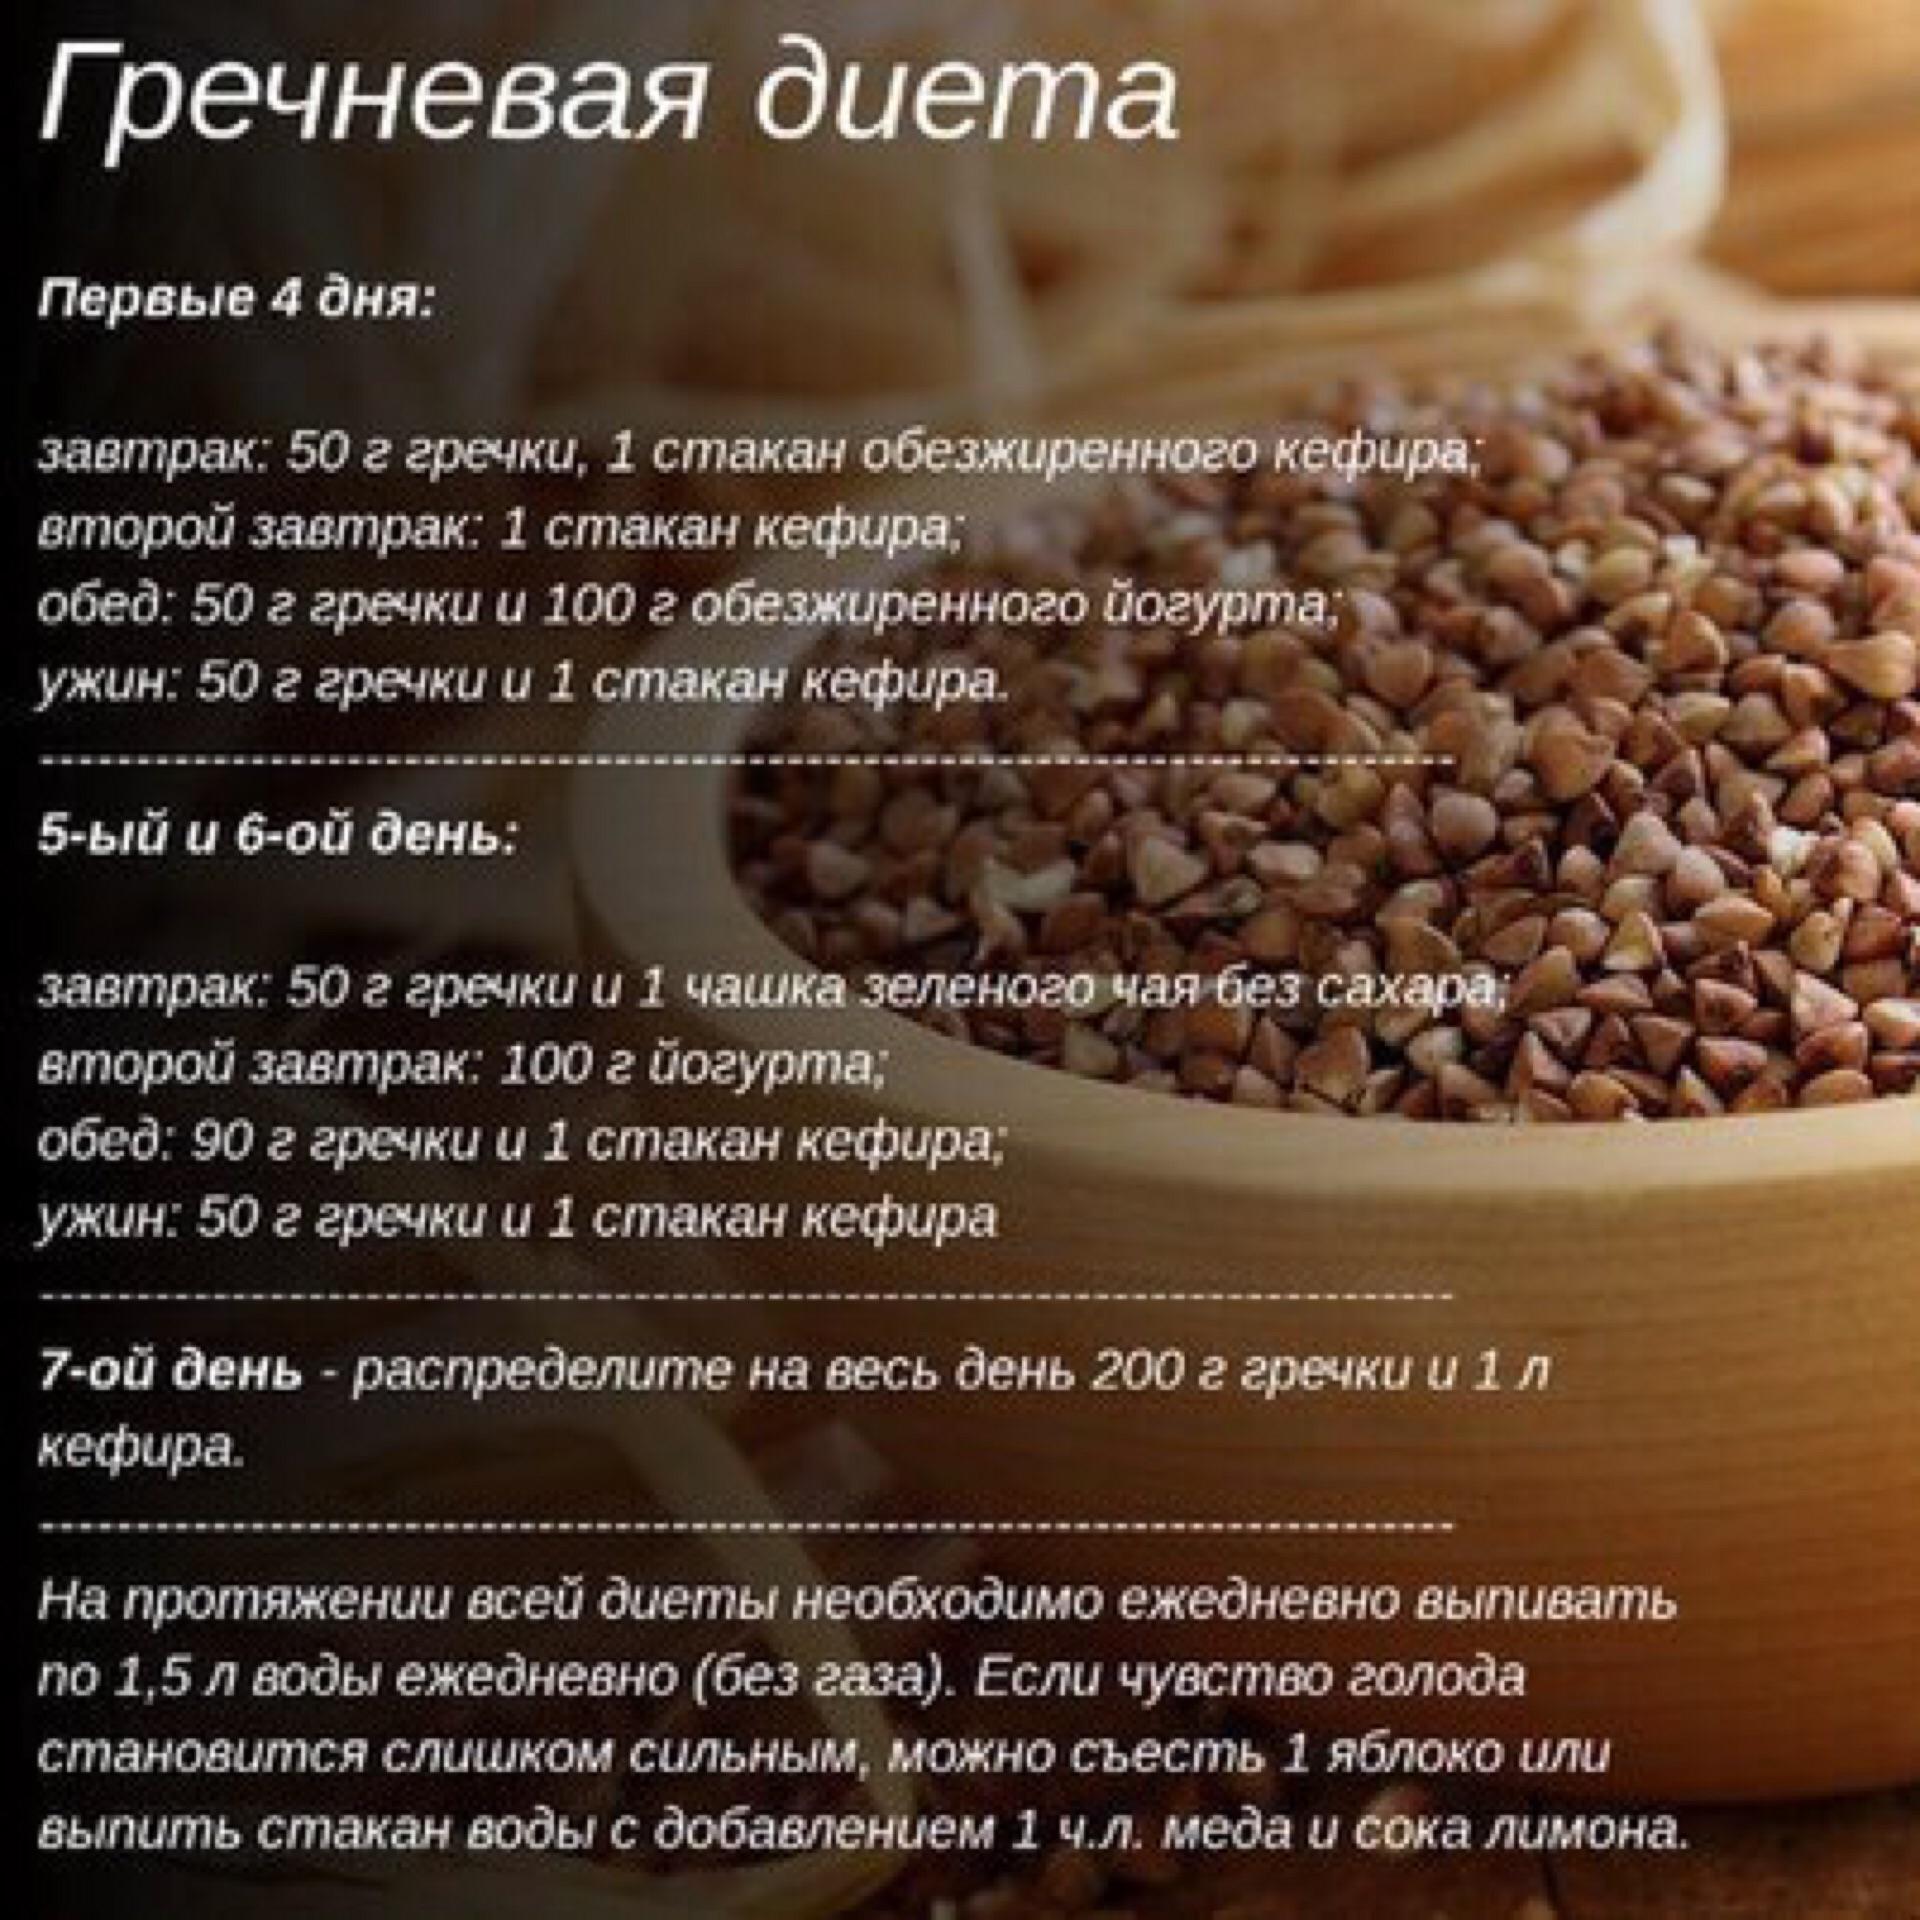 Гречневые рецепты для диеты